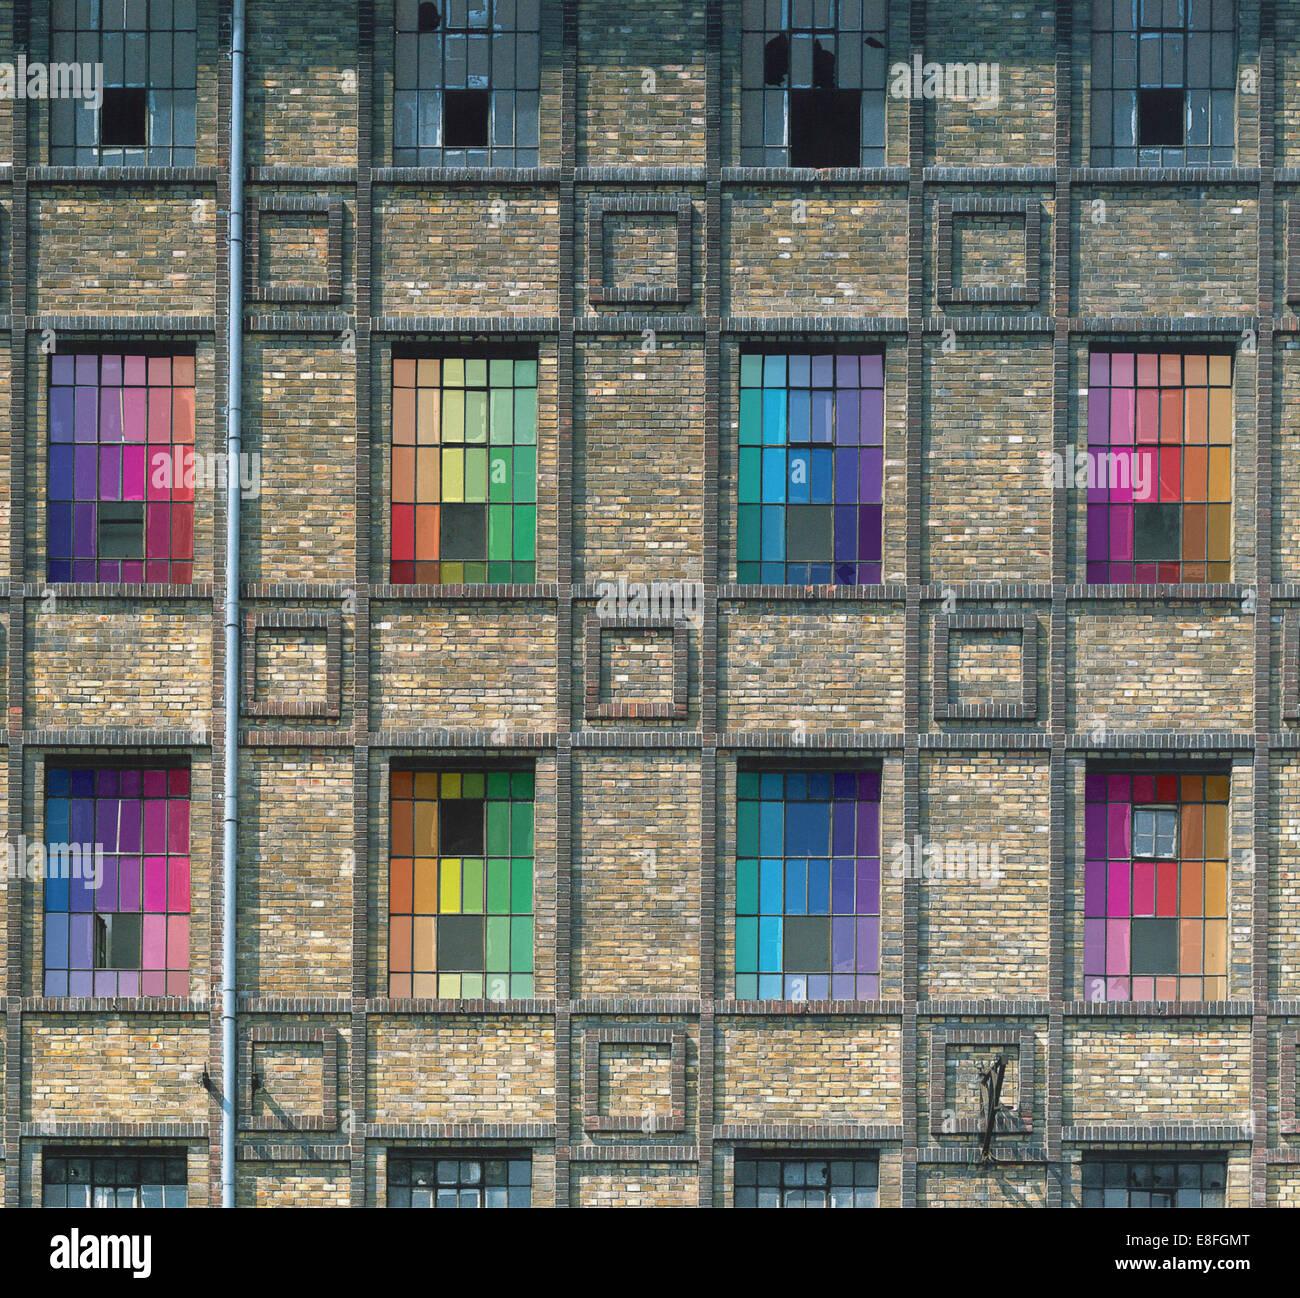 Stati Uniti d'America, nello Stato di New York, New York City e colorati di windows Immagini Stock